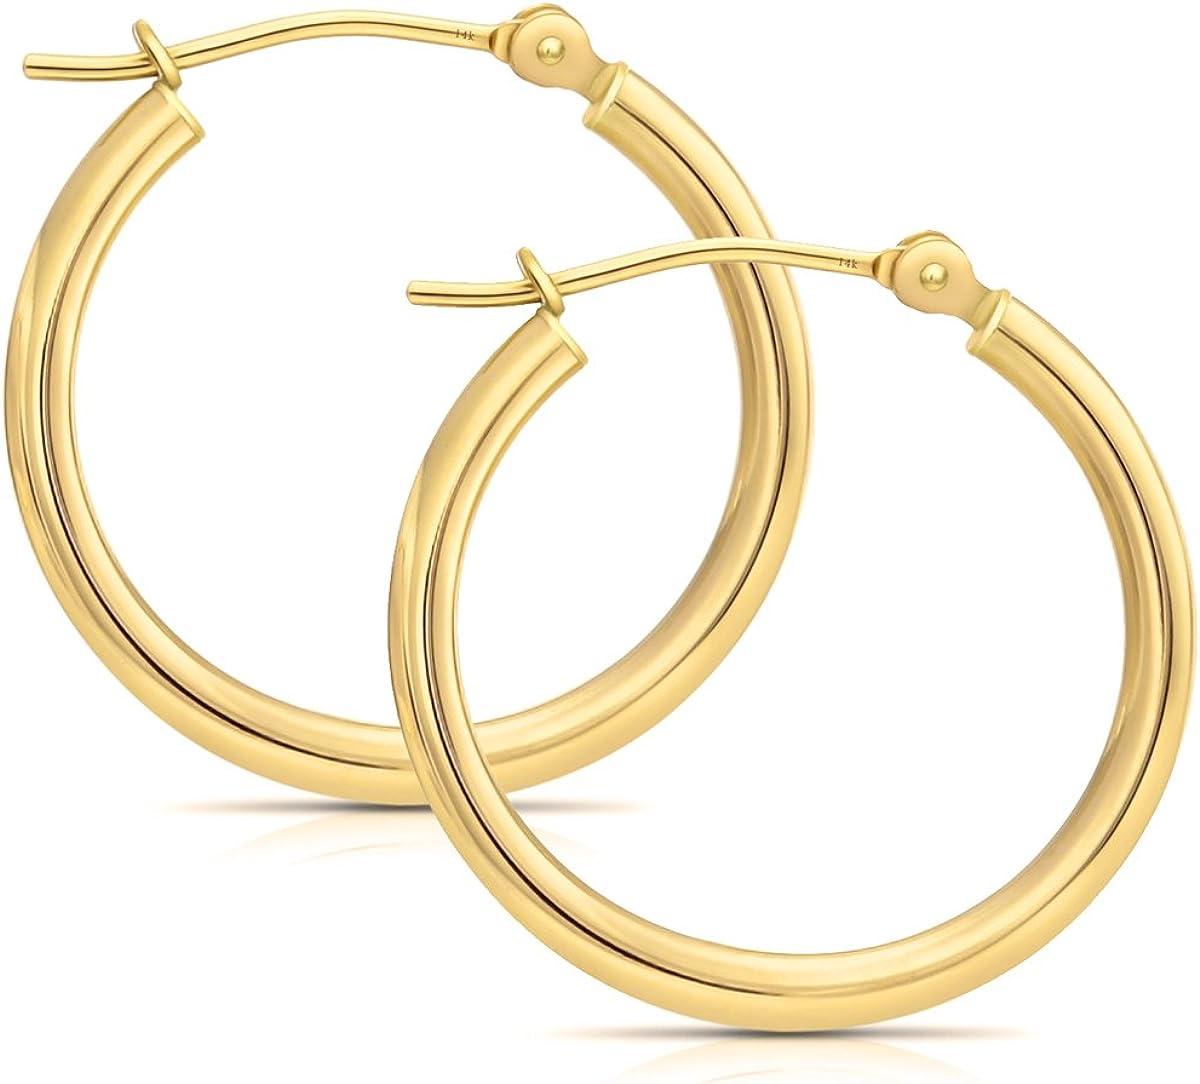 14k Gold Hoop Earrings, (0.6